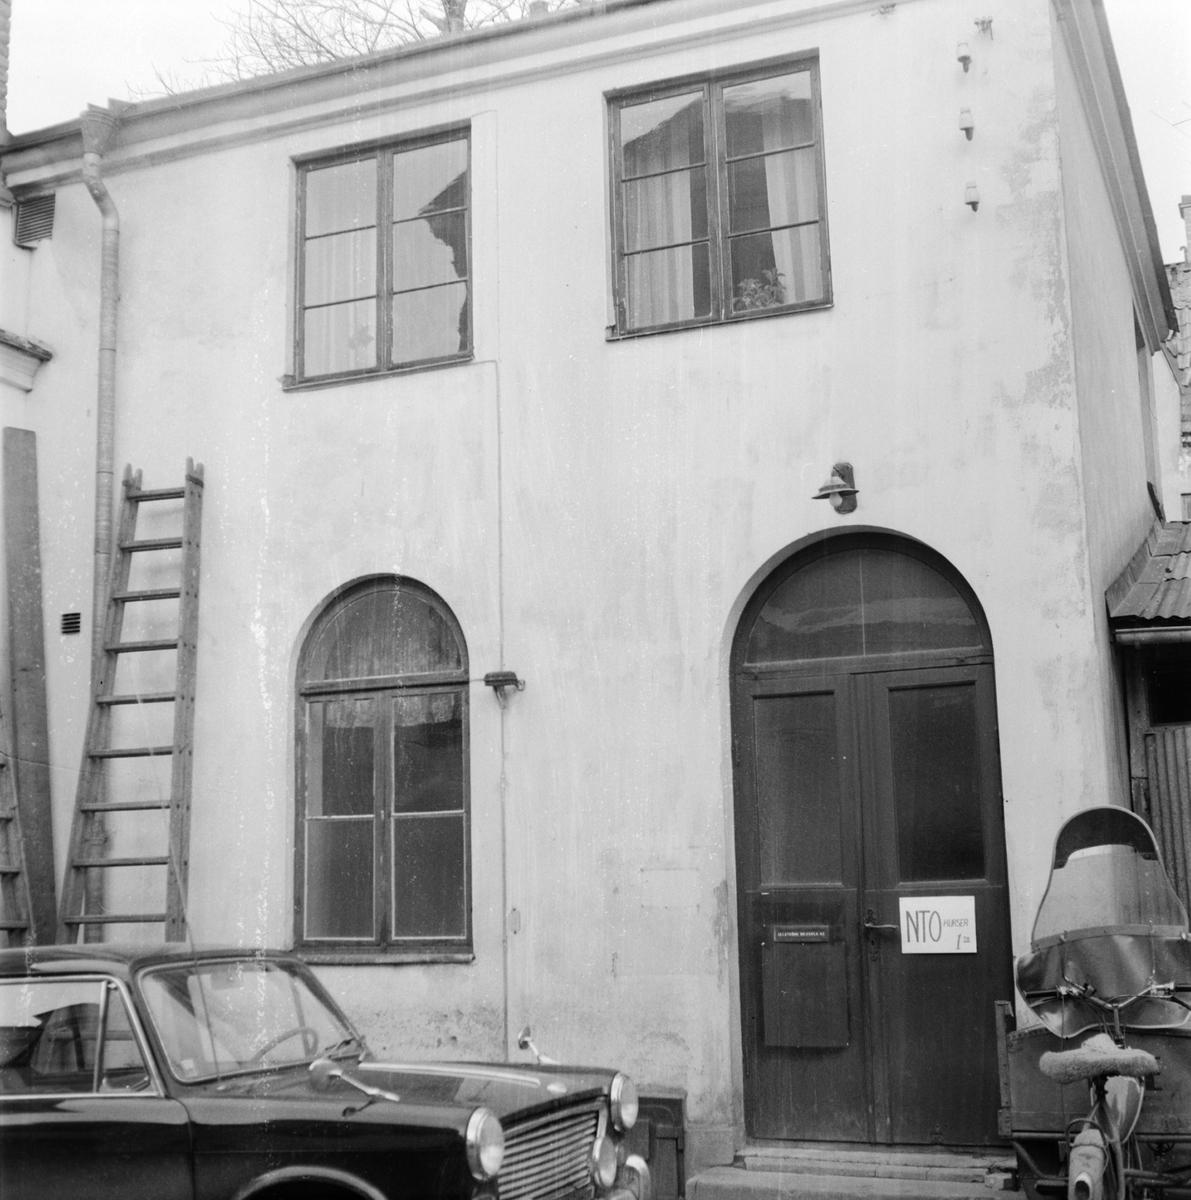 NTO-tomten, kvarteret Hamder, Uppsala 1968